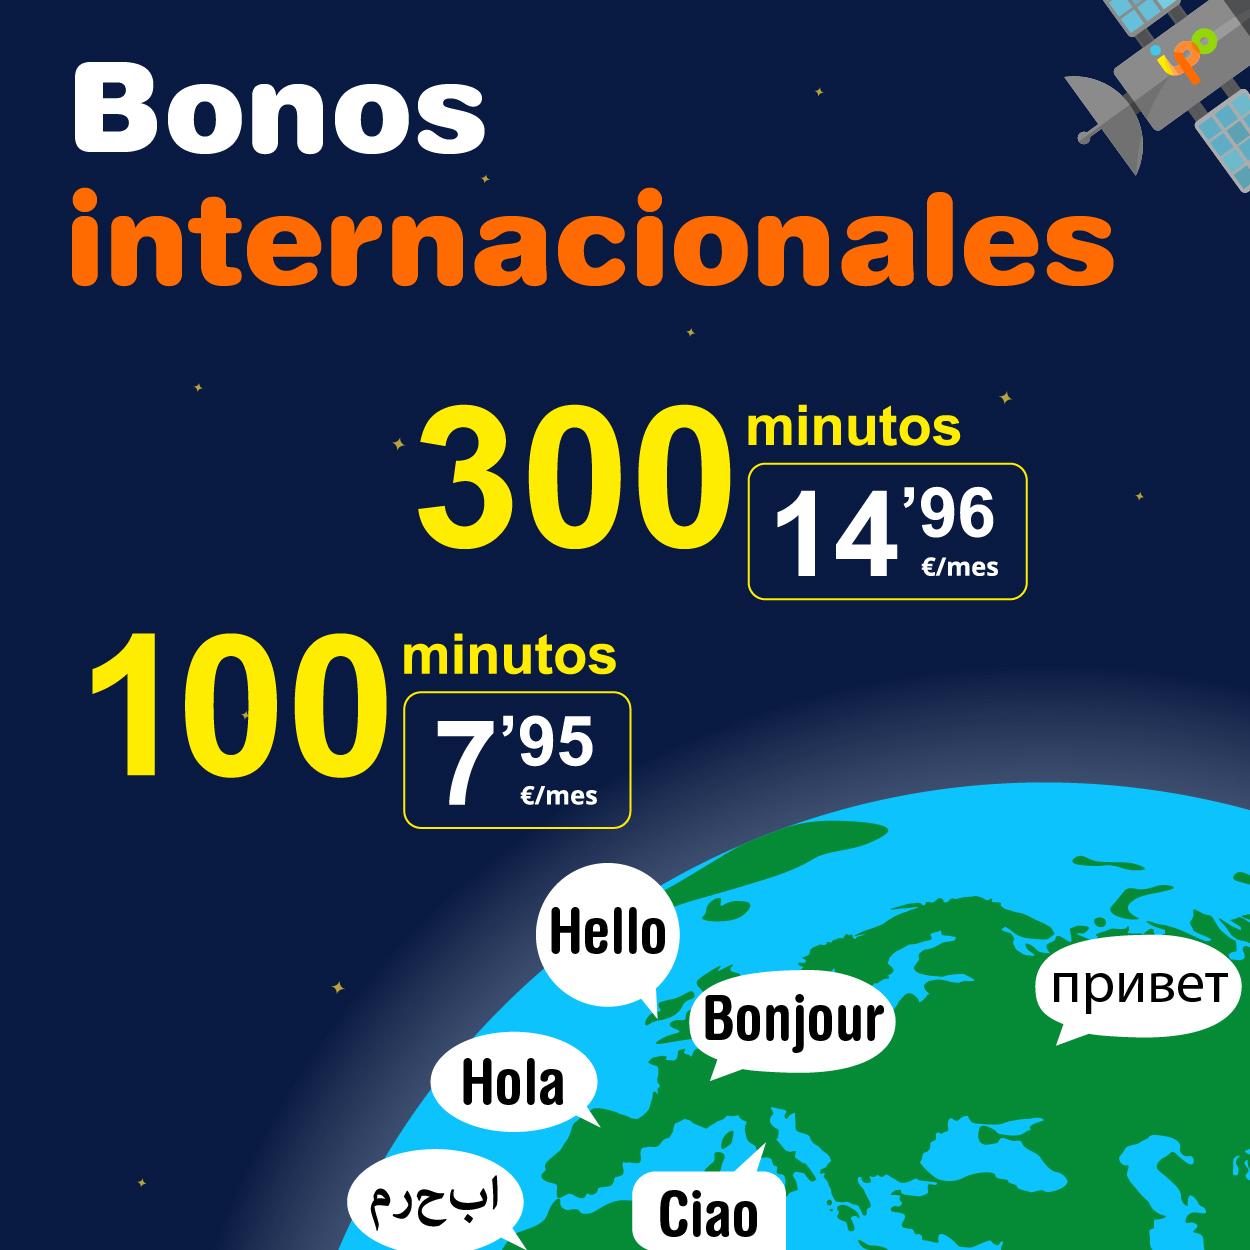 Bono internacional